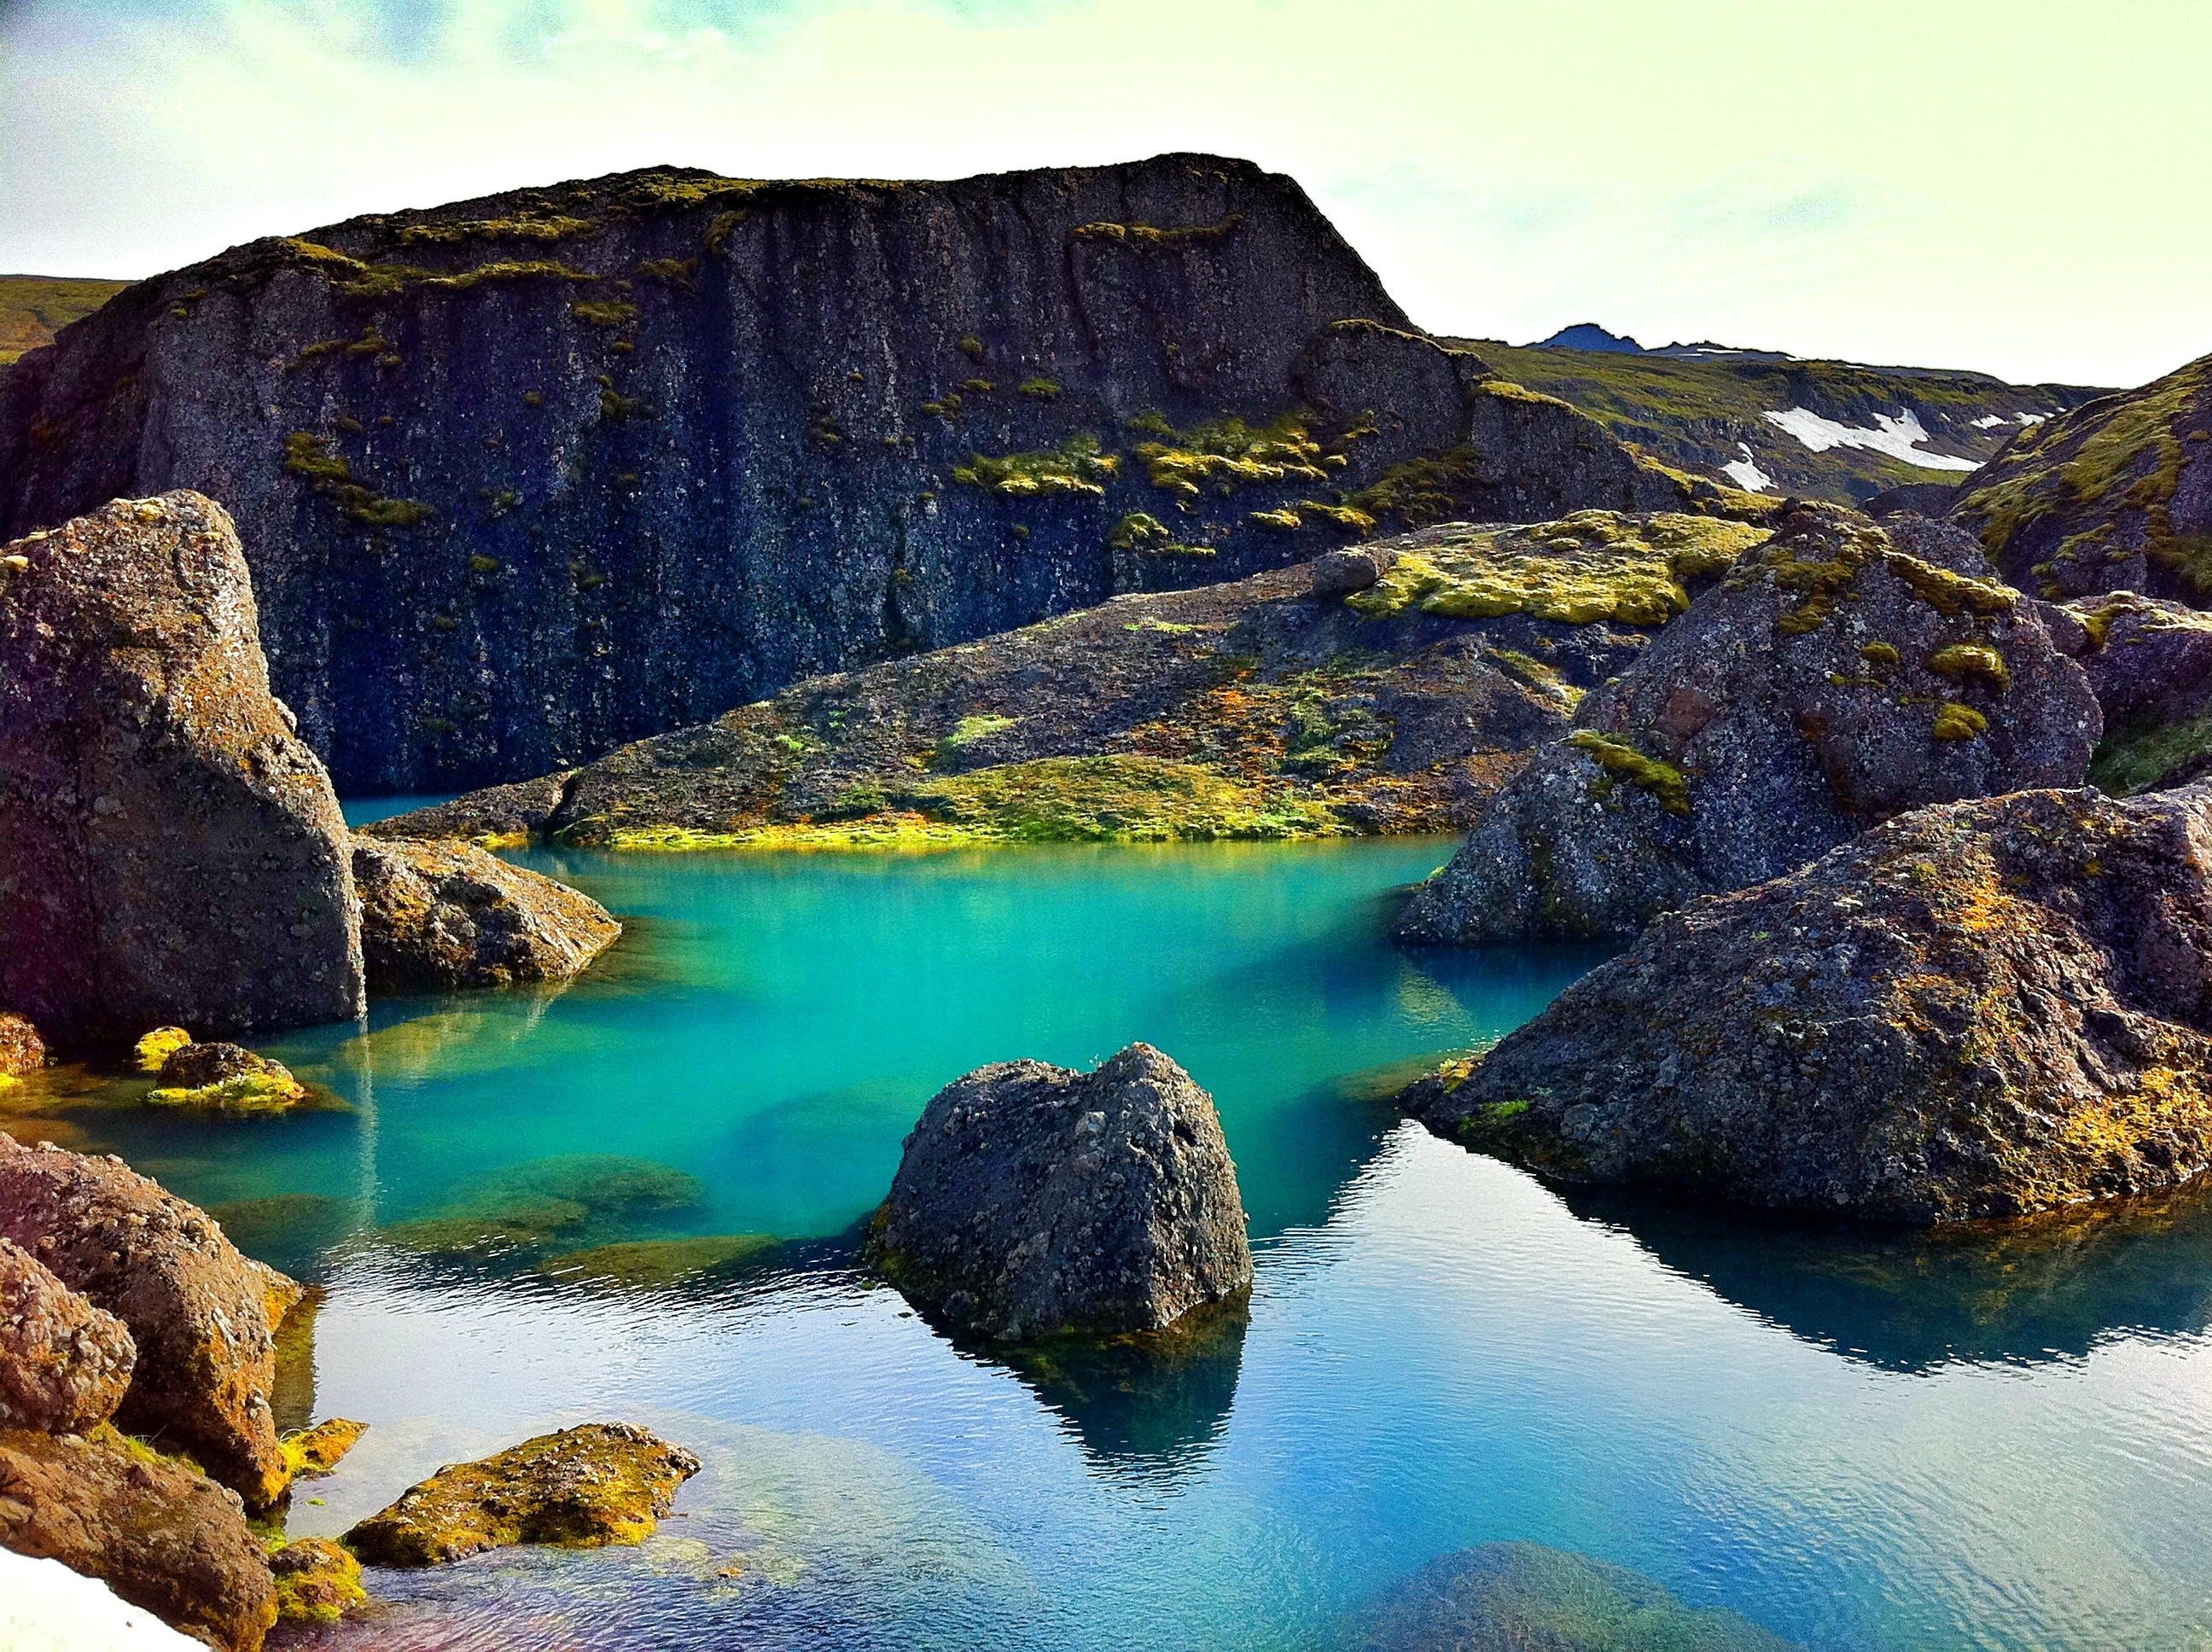 Stórurð near Borgarfjörður Eystri (TownFjord East) in Iceland